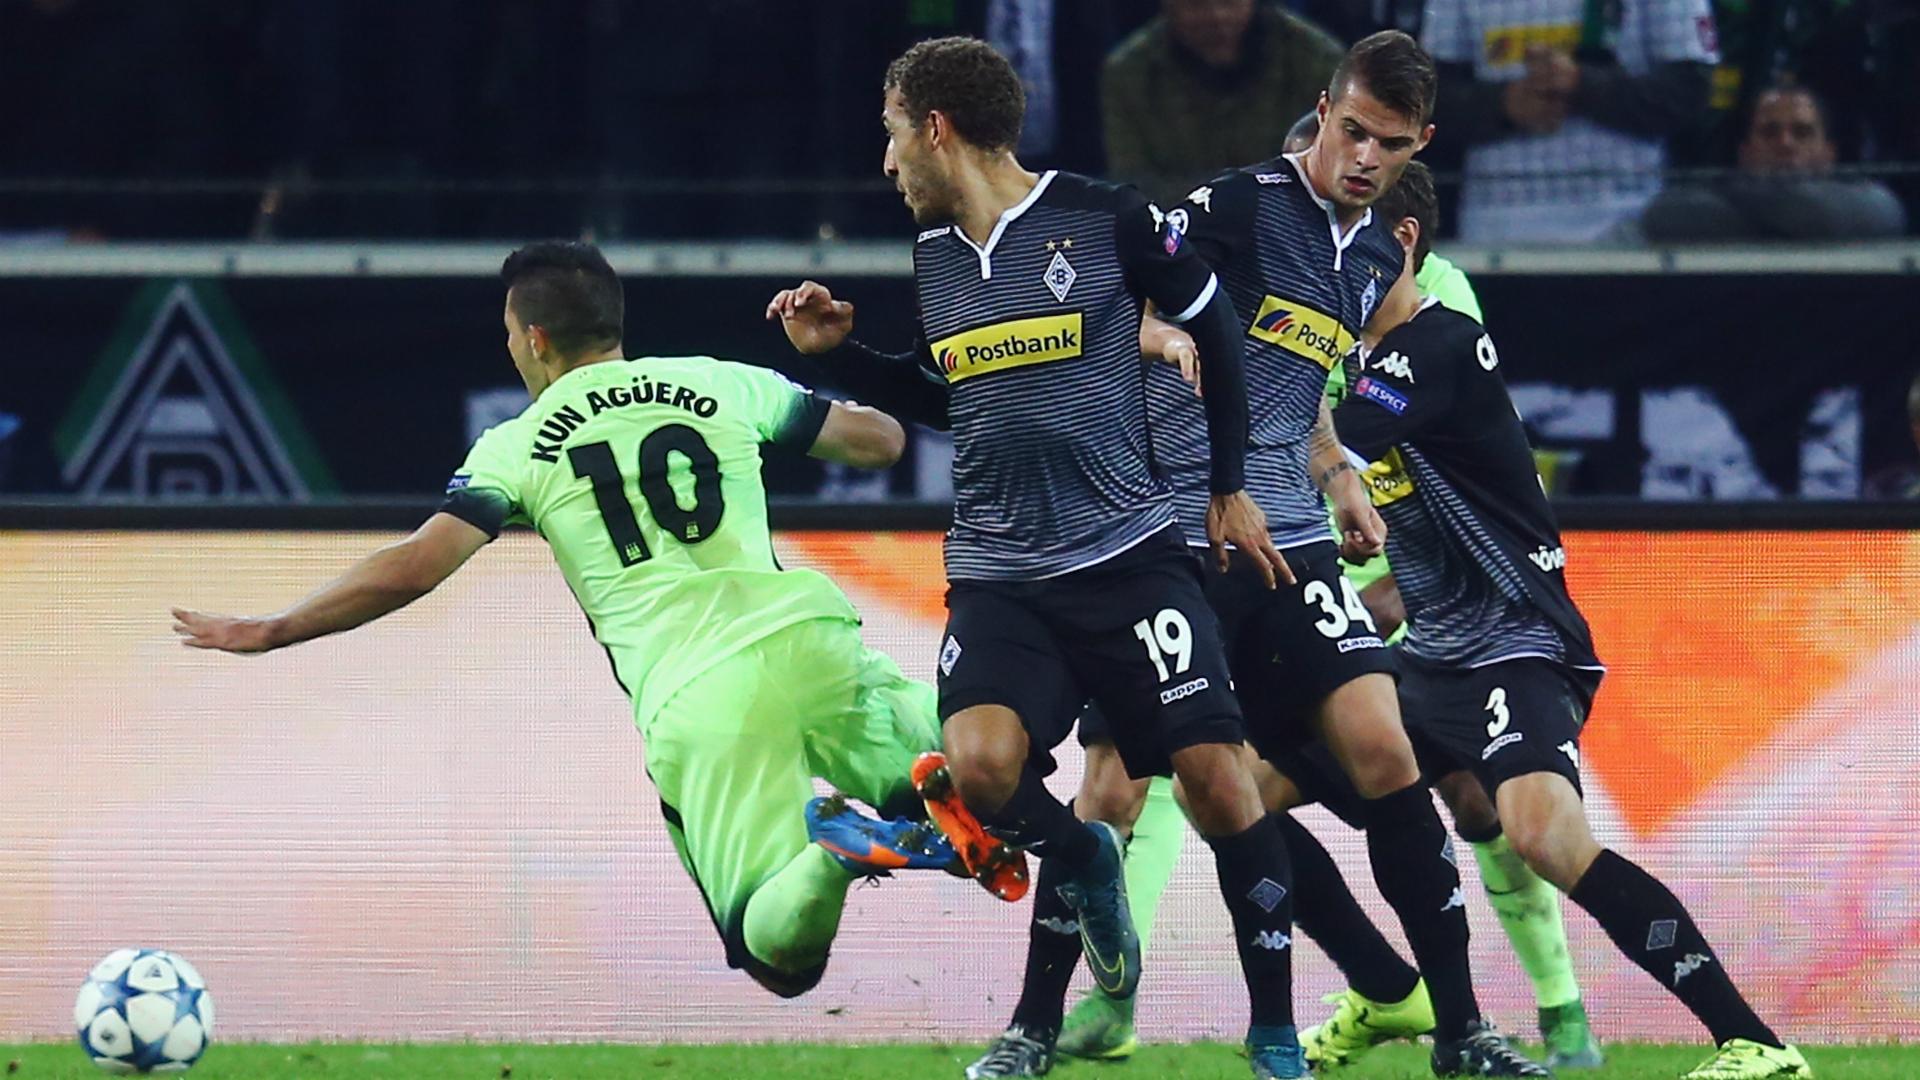 Манчестер матч Менхенгладбах Сити Боруссия на прогноз